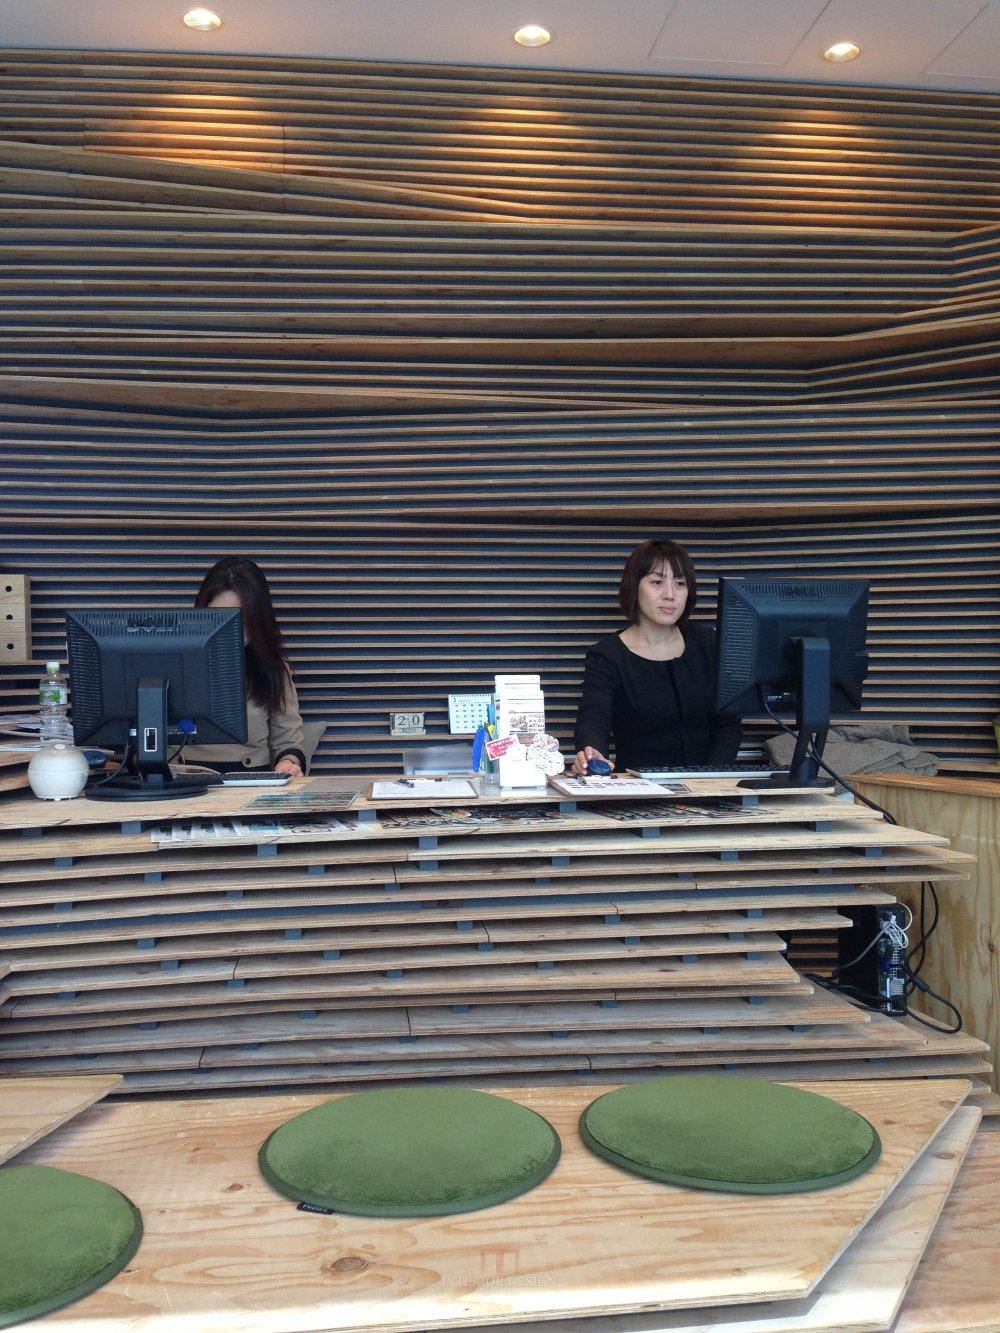 #伙伴一起看日本#  日本设计考察分享(更新美秀美术馆)_IMG_4637.JPG